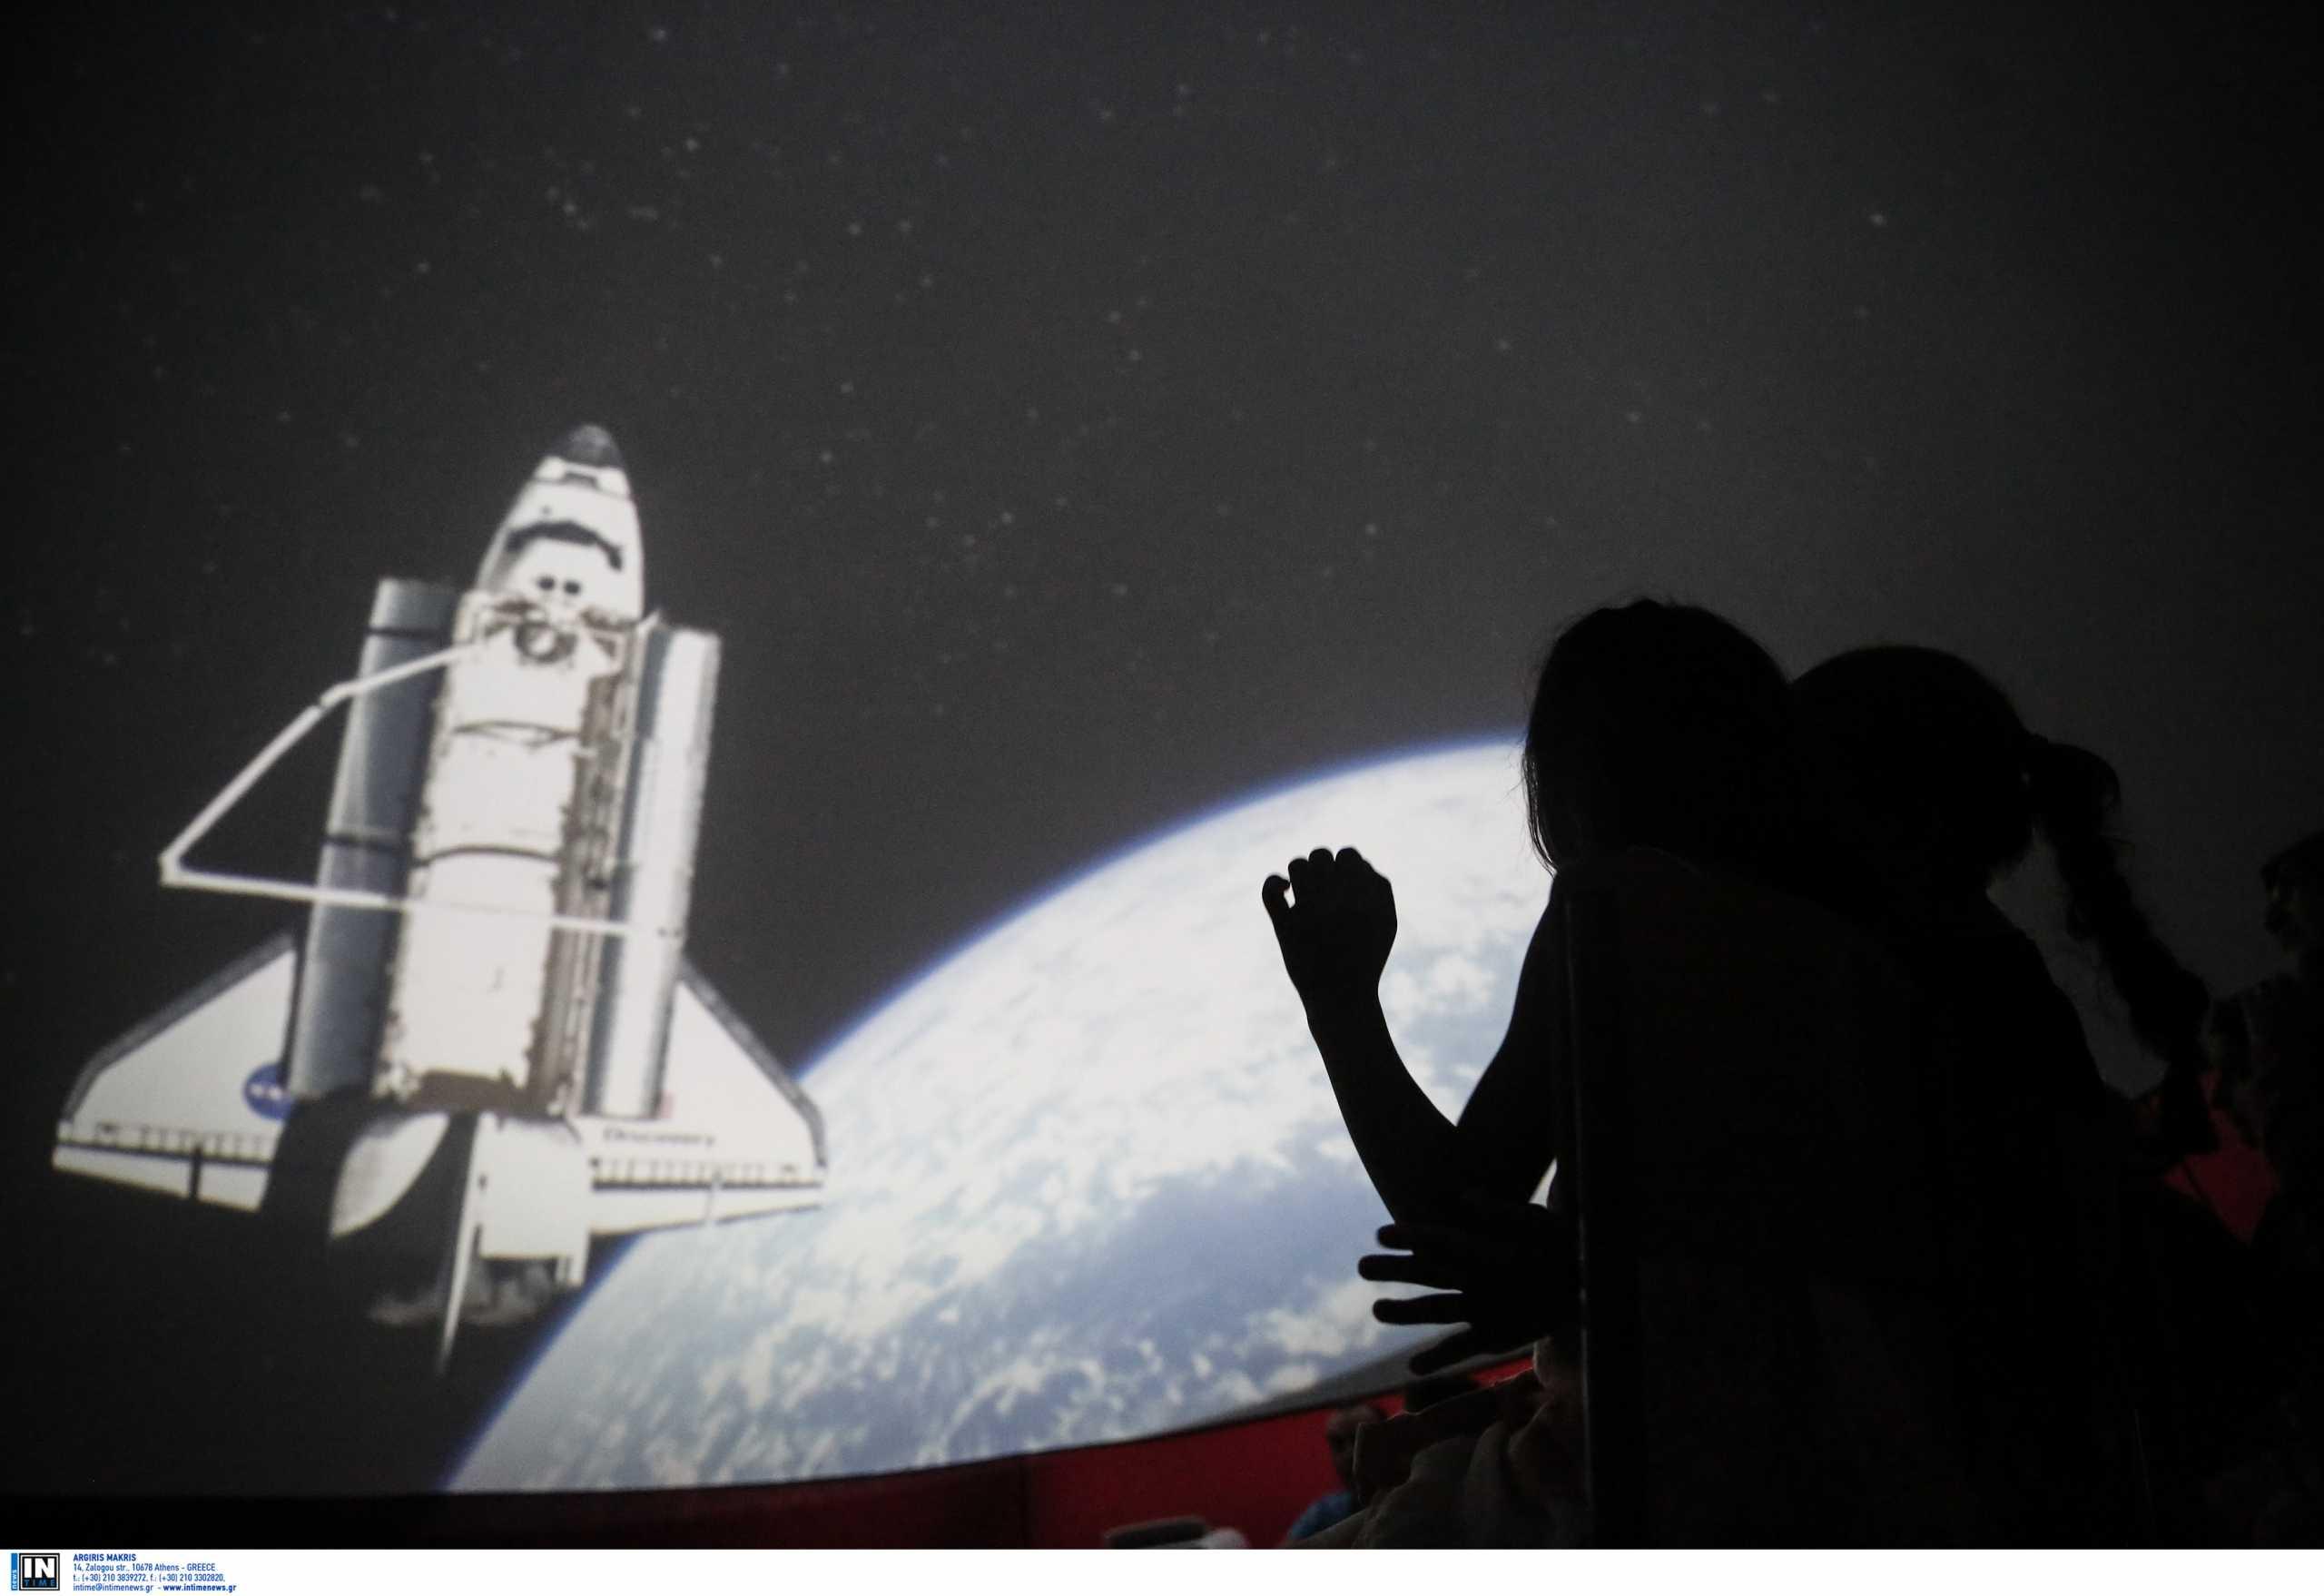 Ανοίγει ξανά το πλανητάριο – Όλα τα μέτρα κατά του κορονοϊού που πρέπει να τηρούν οι επισκέπτες